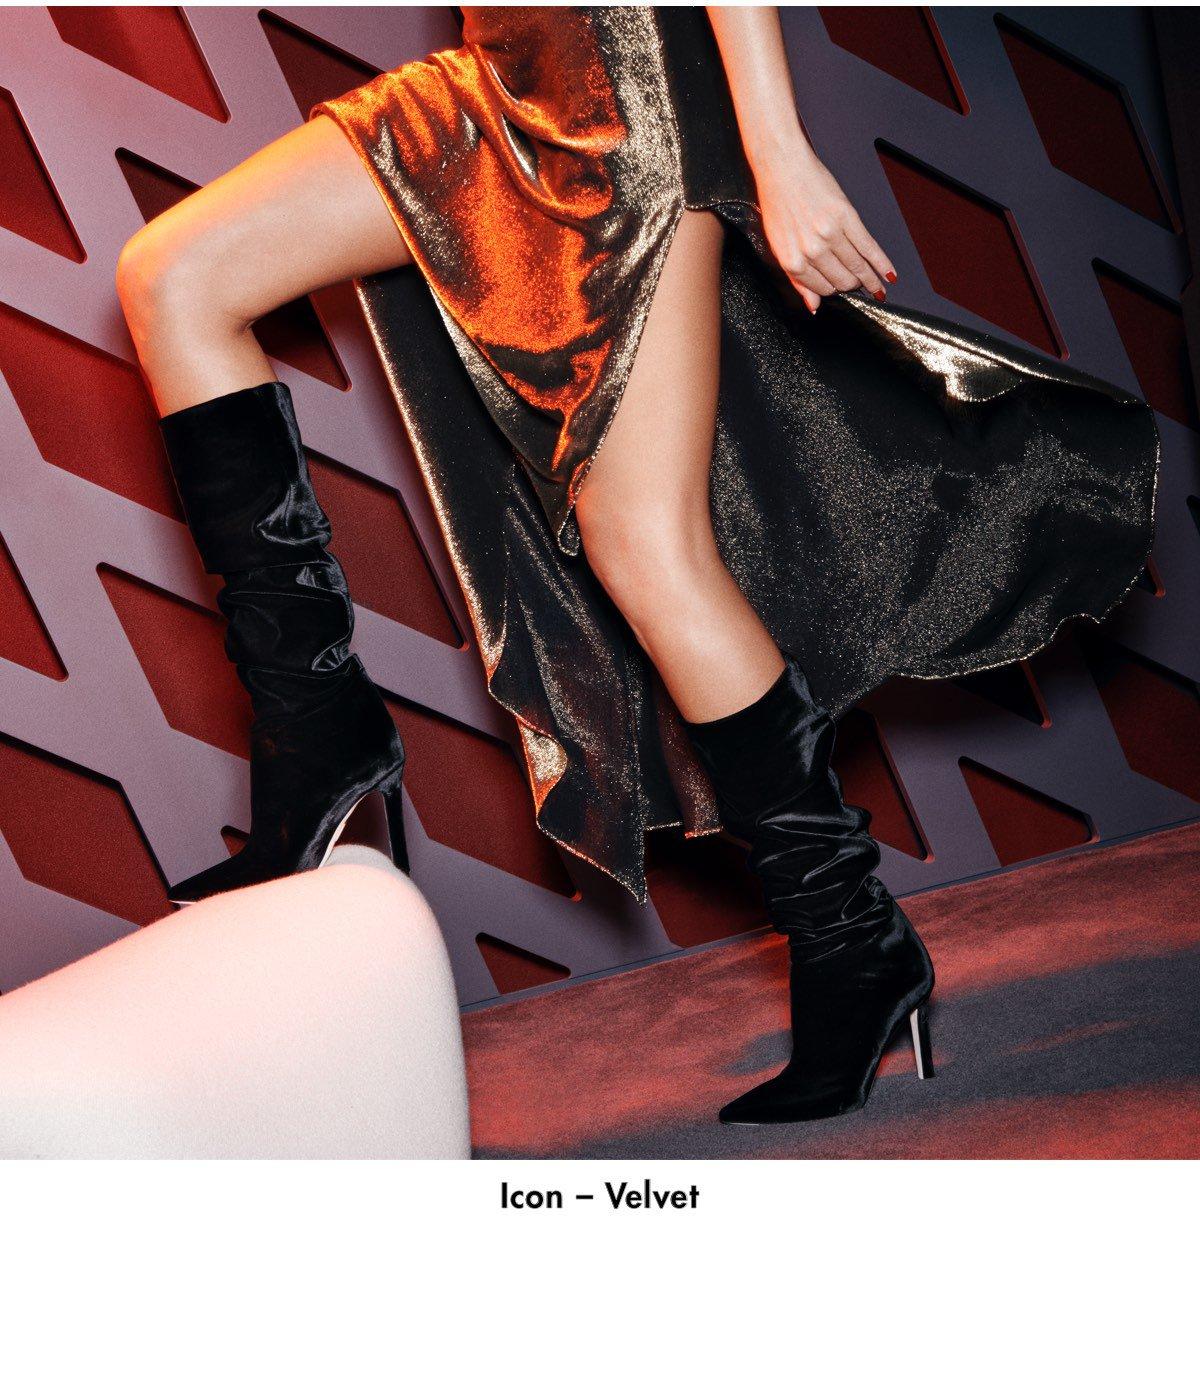 Icon - Velvet